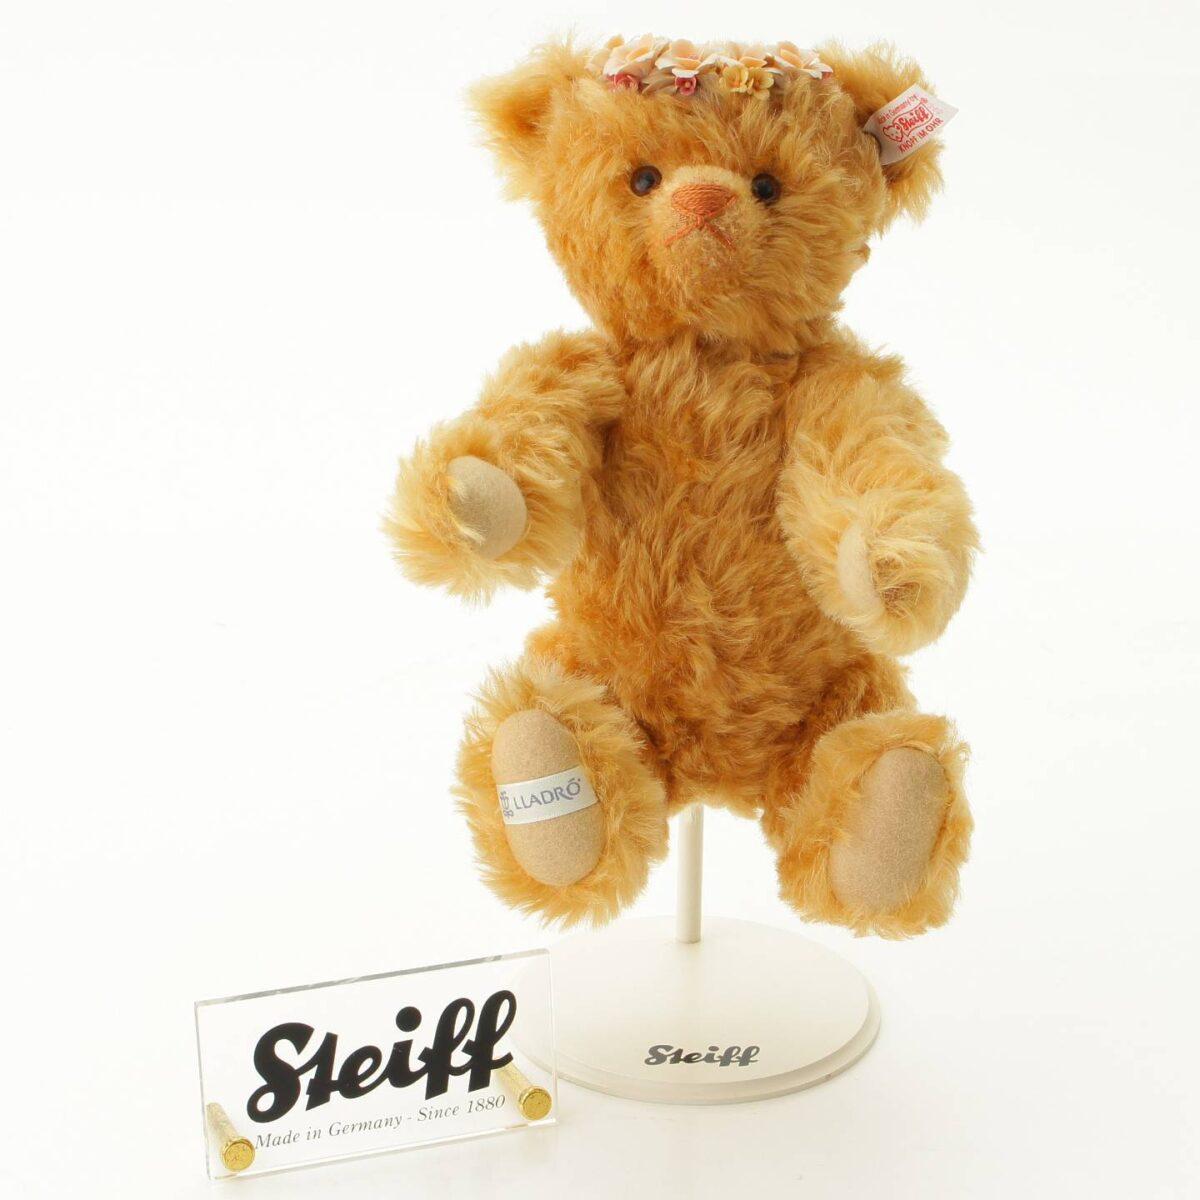 シュタイフ × リヤドロ シーズンコレクション オータム ベア テディベア 人形